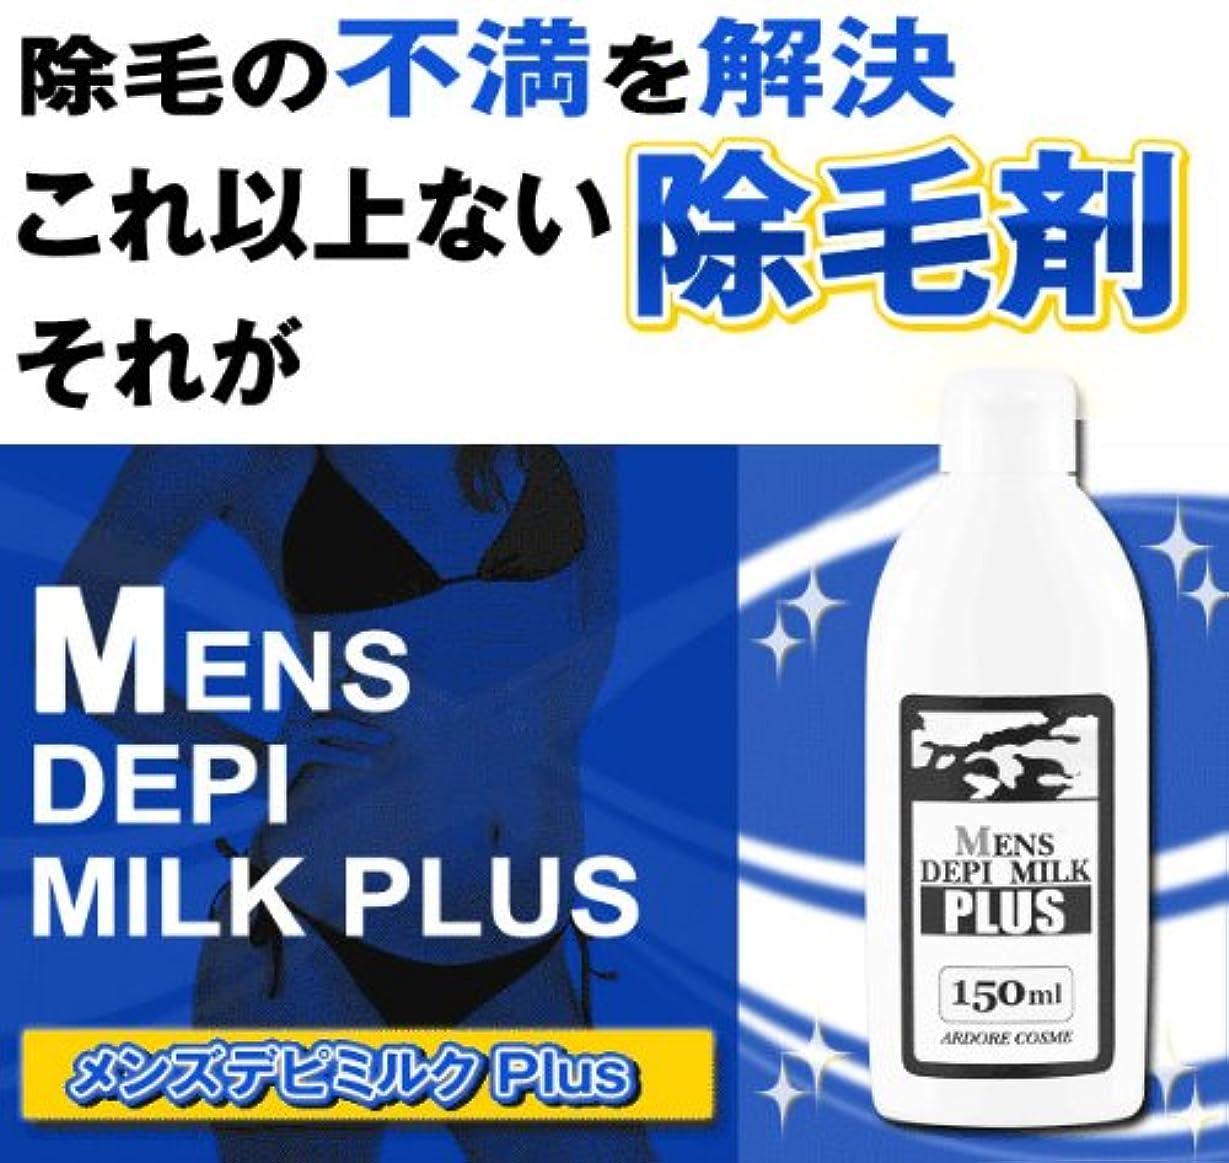 危険にさらされている複雑な事薬用メンズデピミルクプラス 150ml(薬用除毛クリーム)医薬部外品